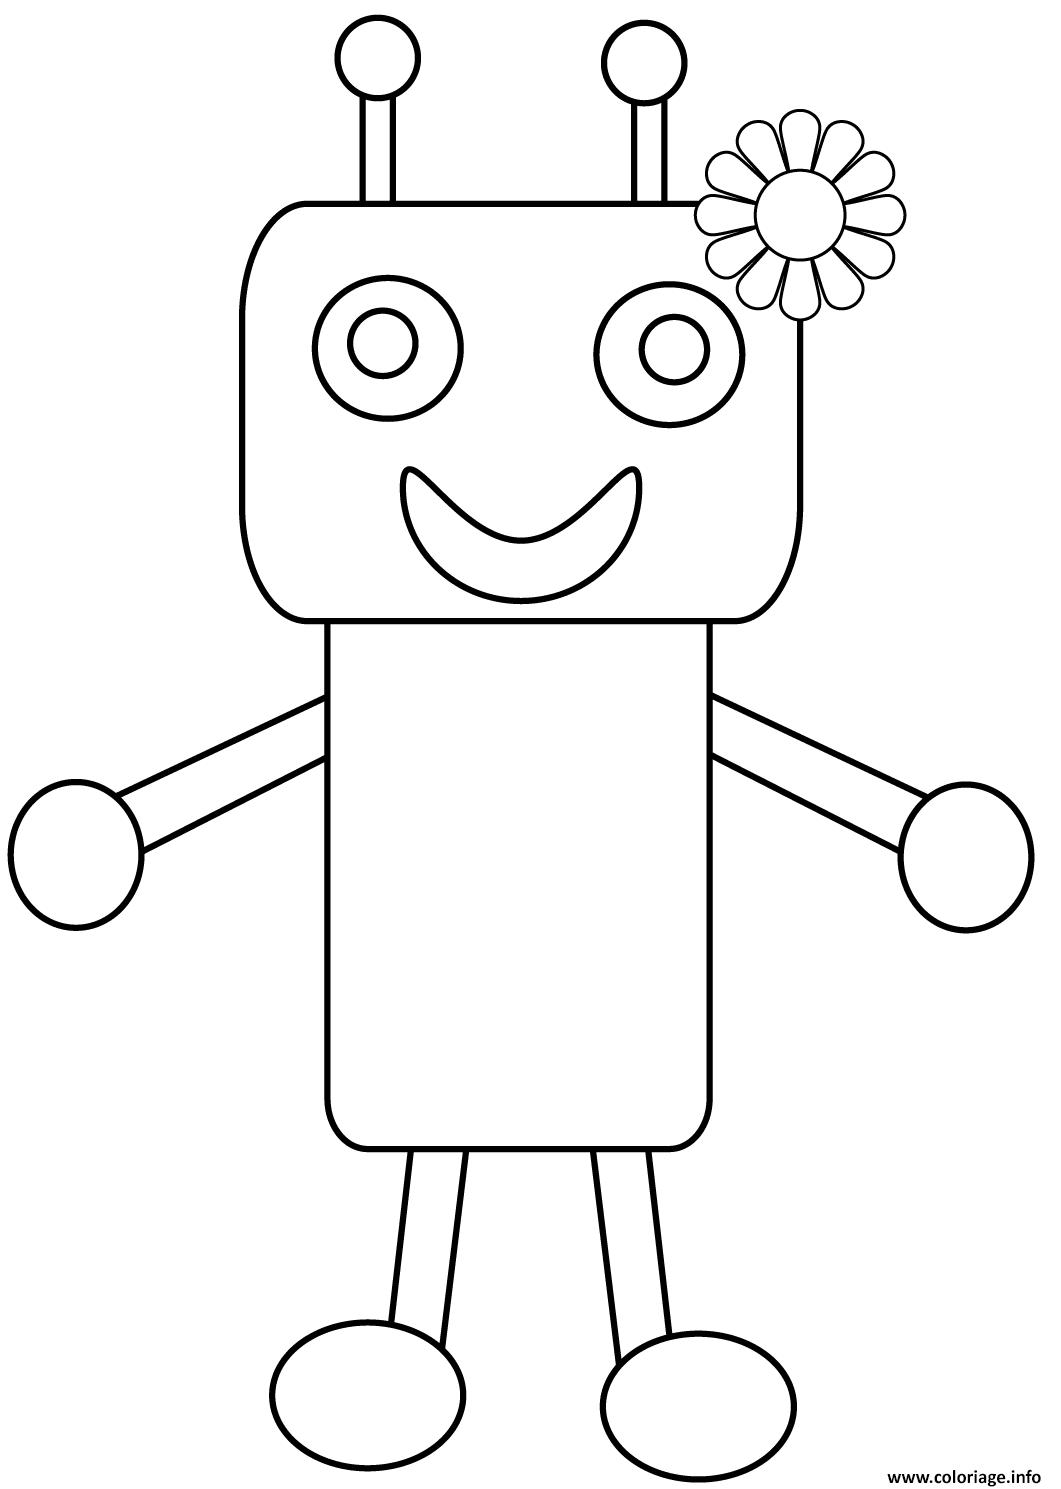 Dessin robot avec une fleur Coloriage Gratuit à Imprimer